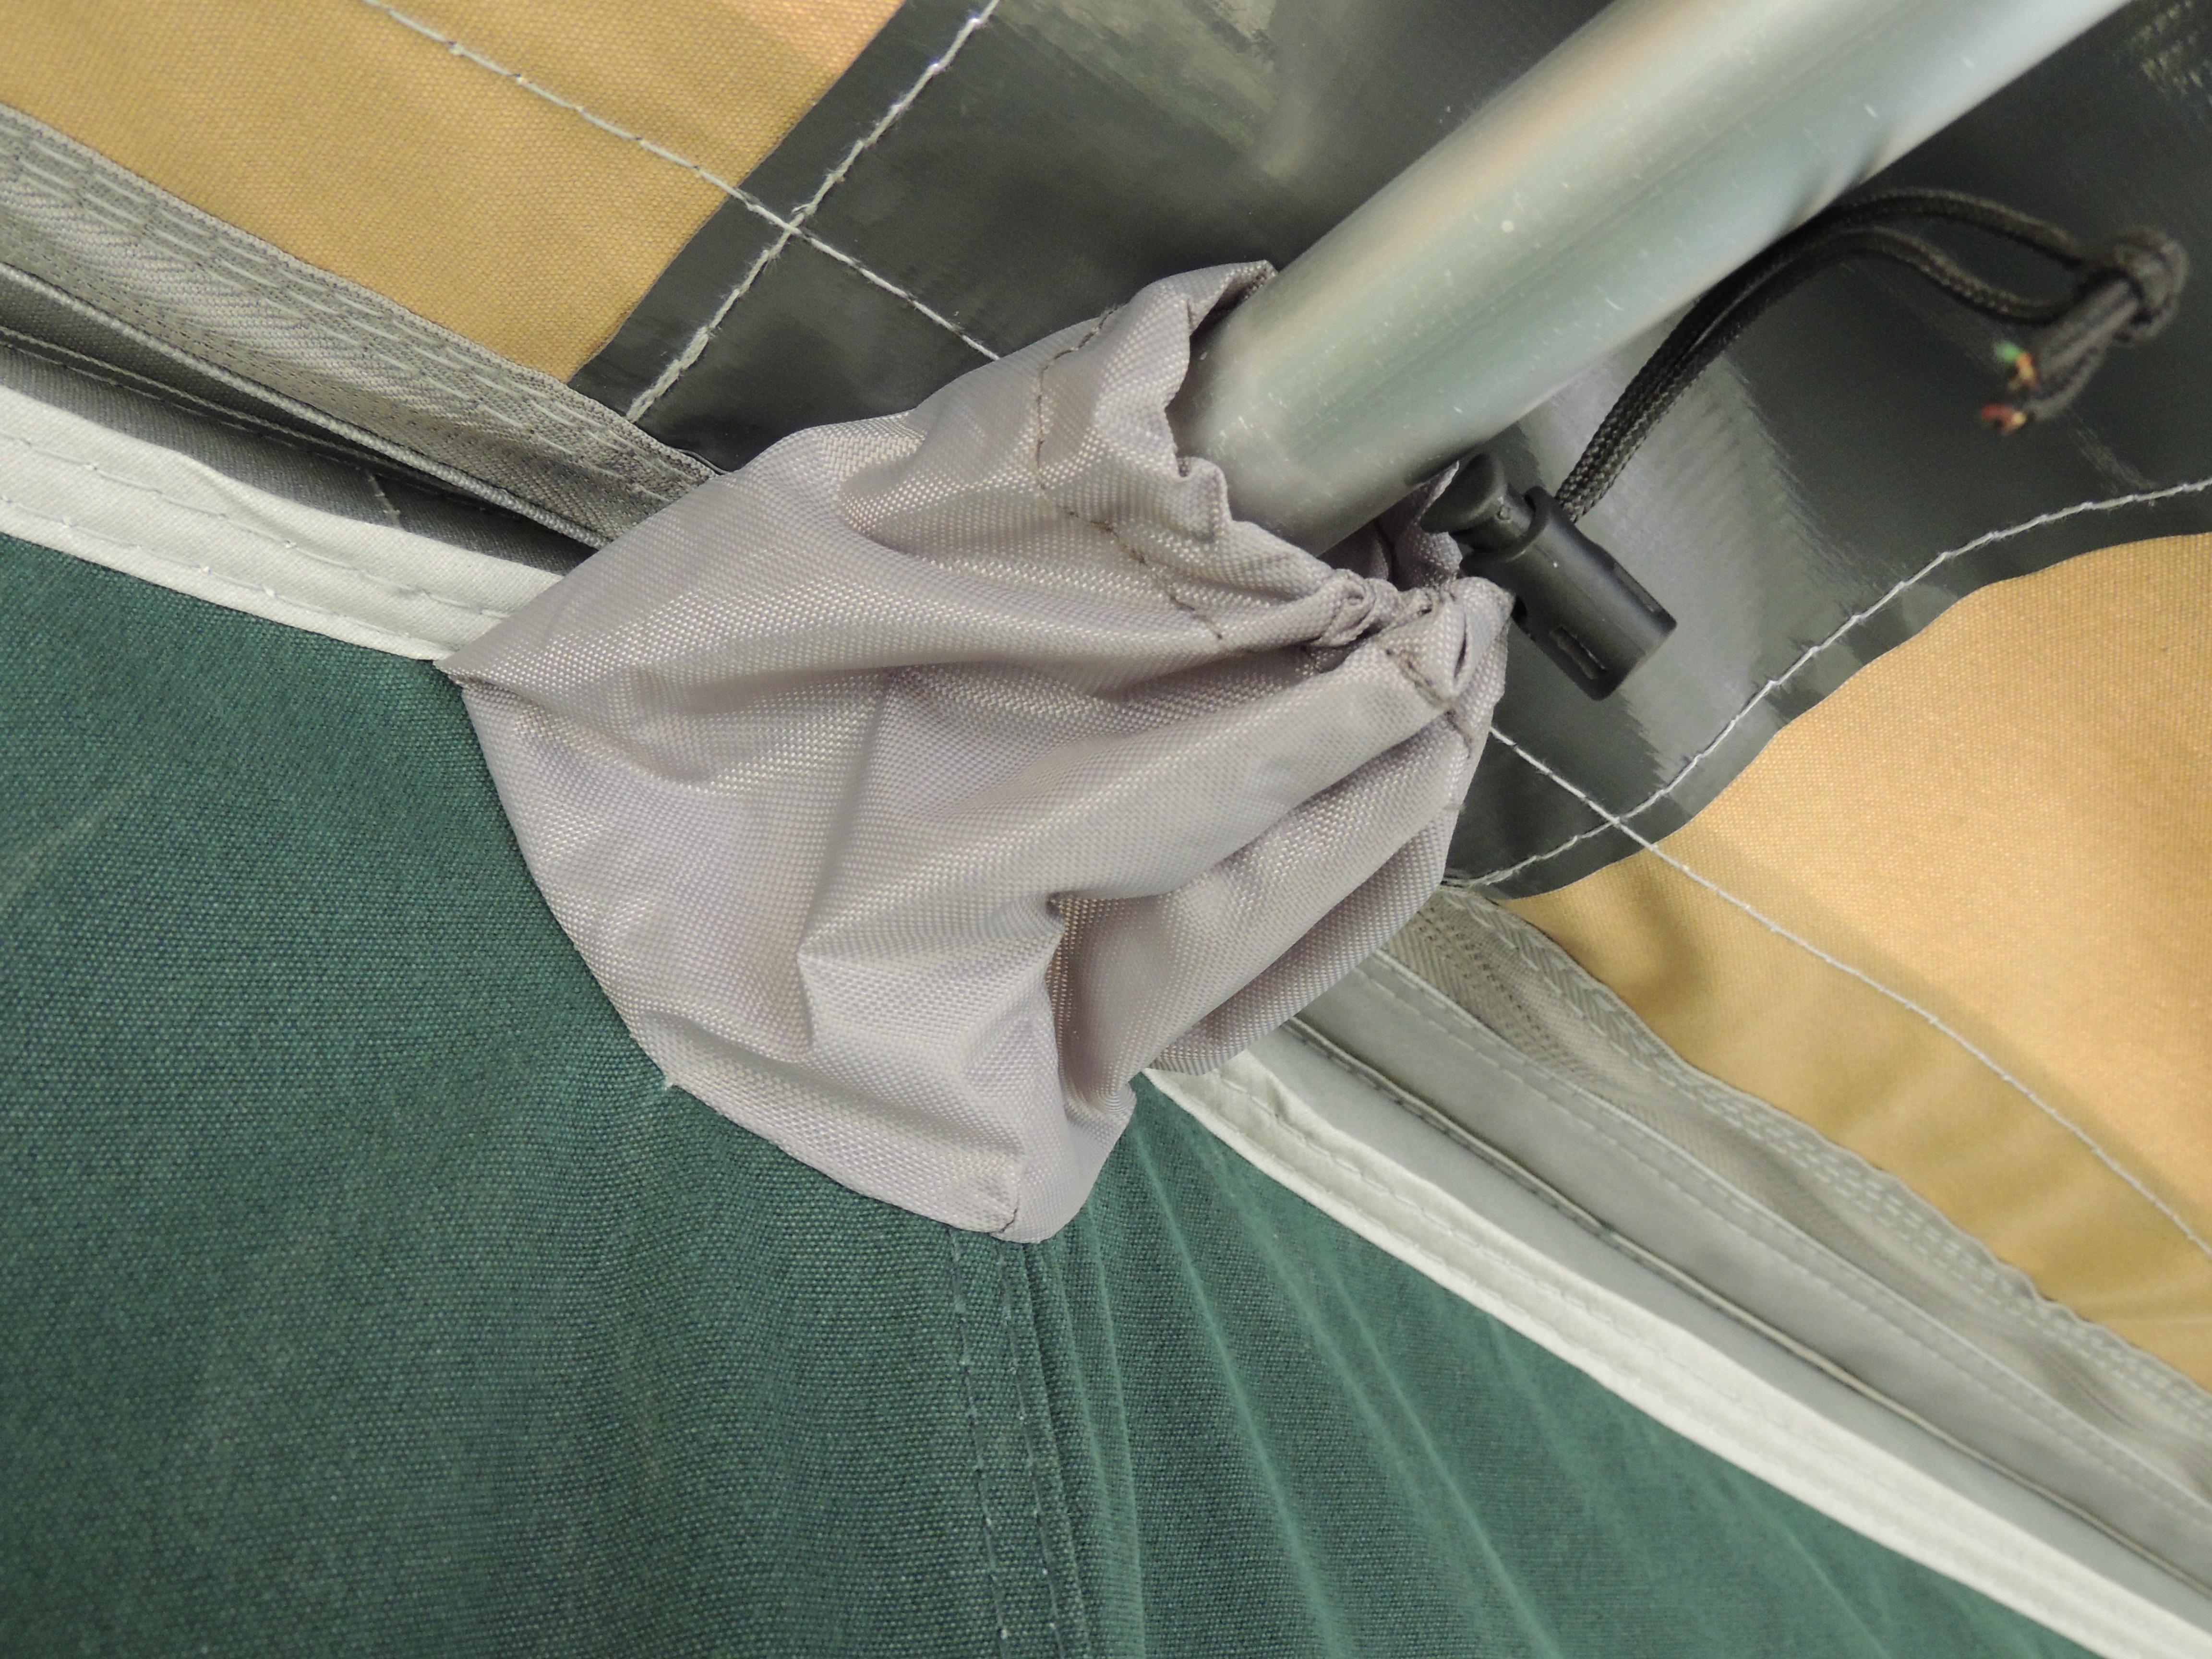 miniatuur 9 - Zeltanhänger Tender XL der Faltcaravan von NB outdoor Campingtrailer mit Komfort